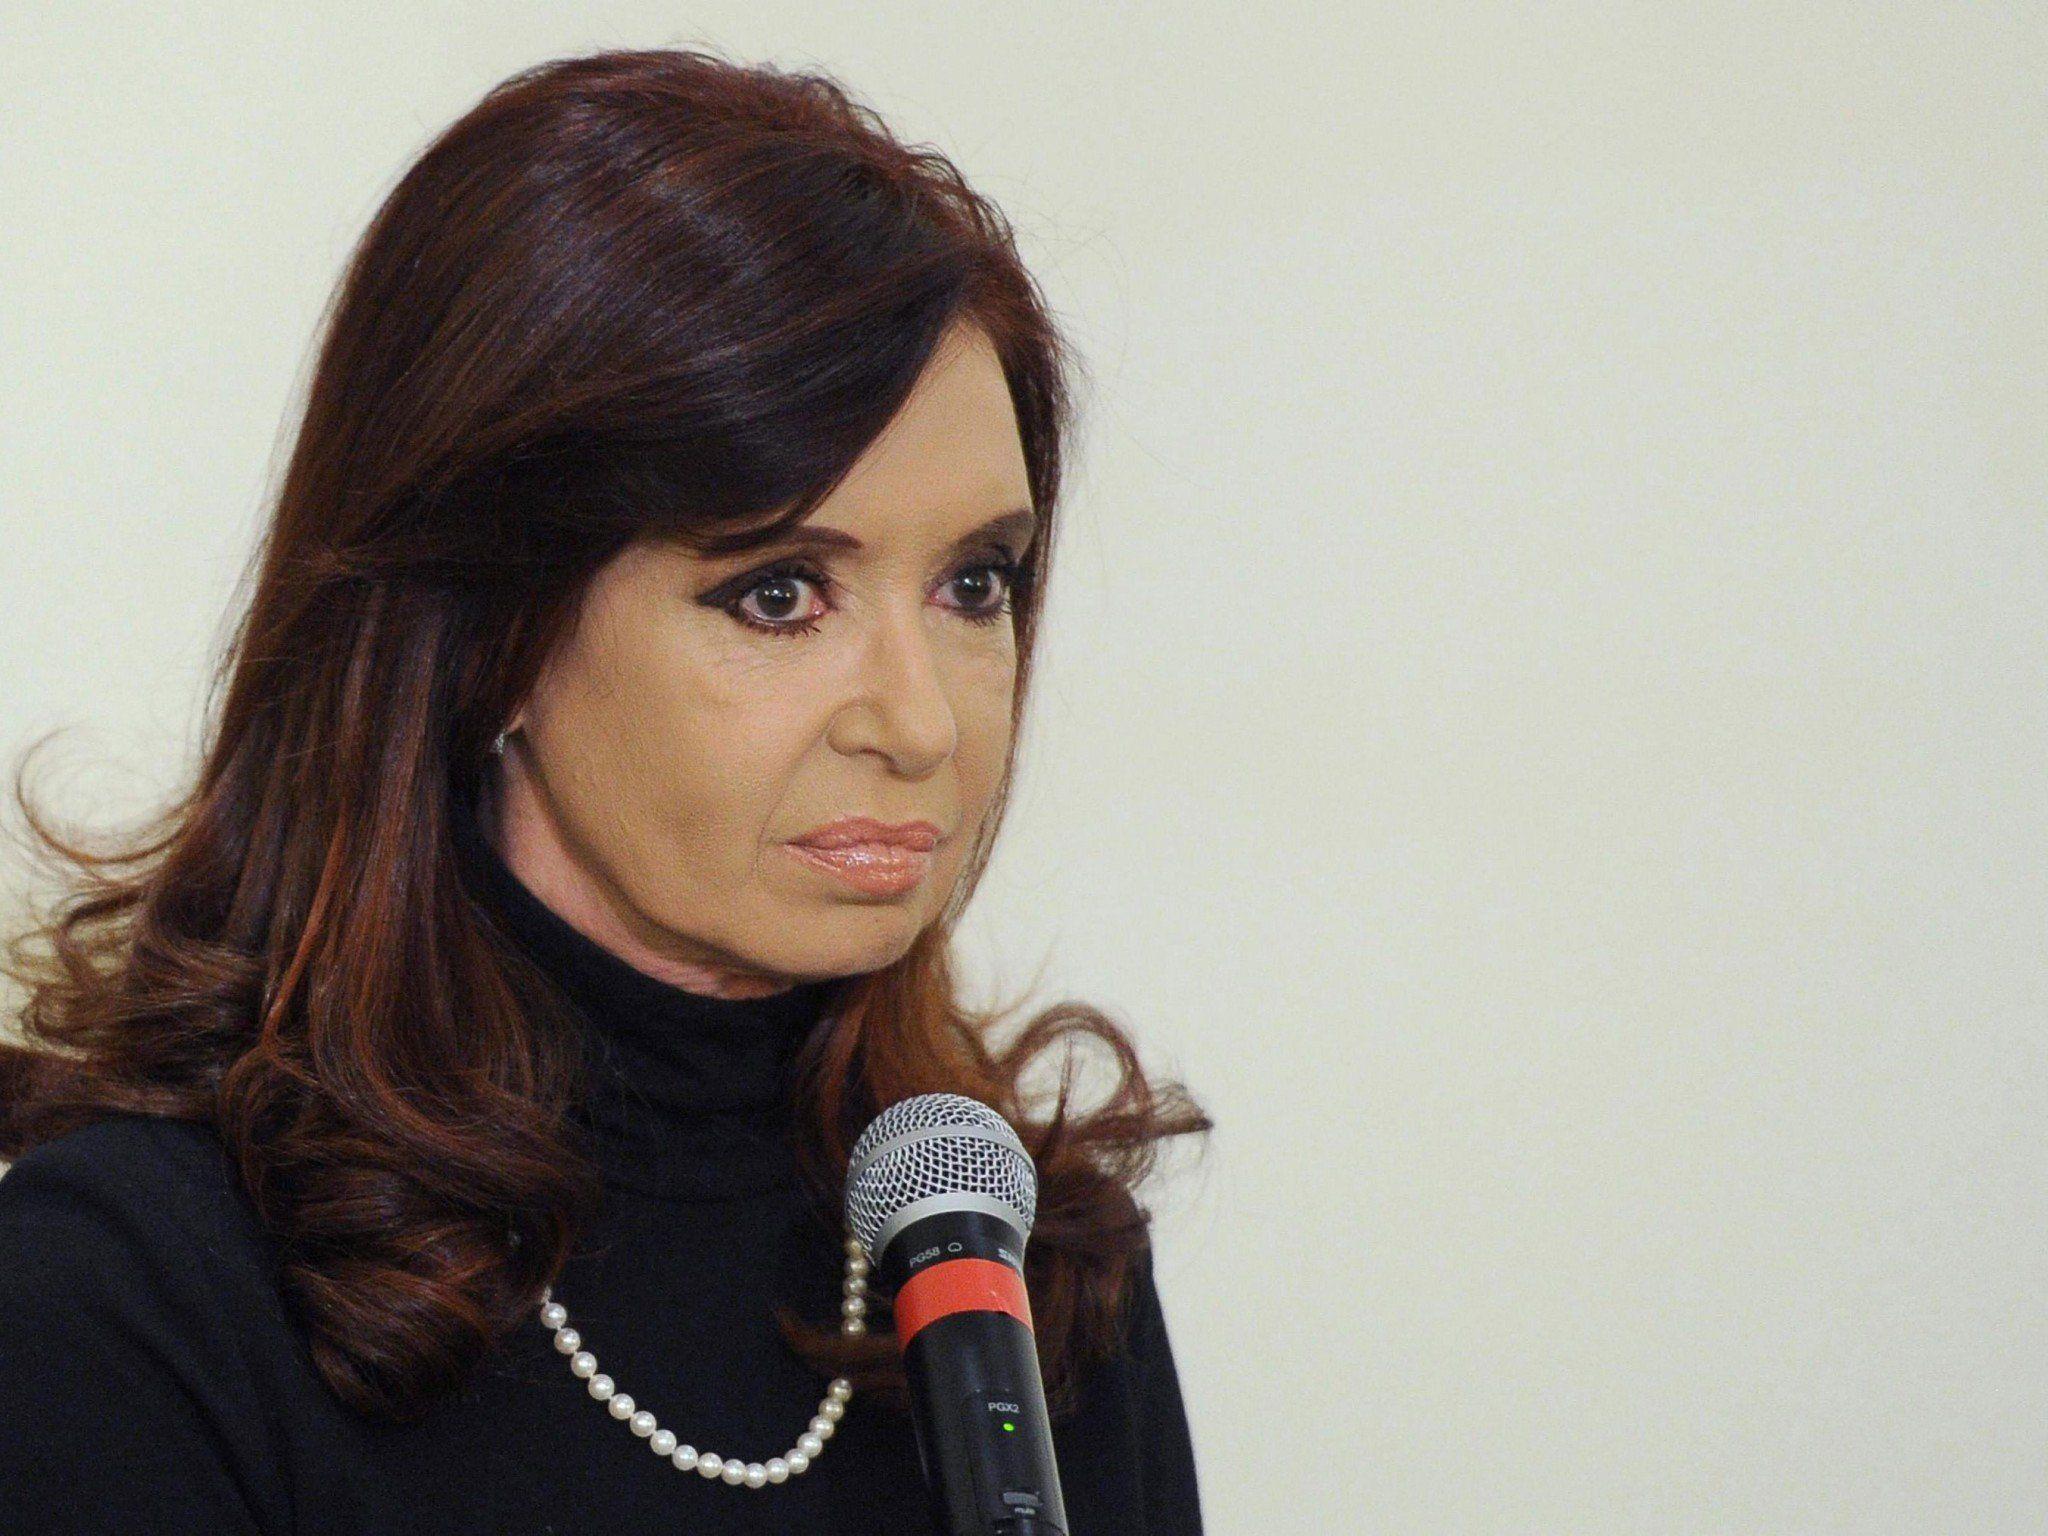 Regierung in Buenos Aires reagierte verärgert.